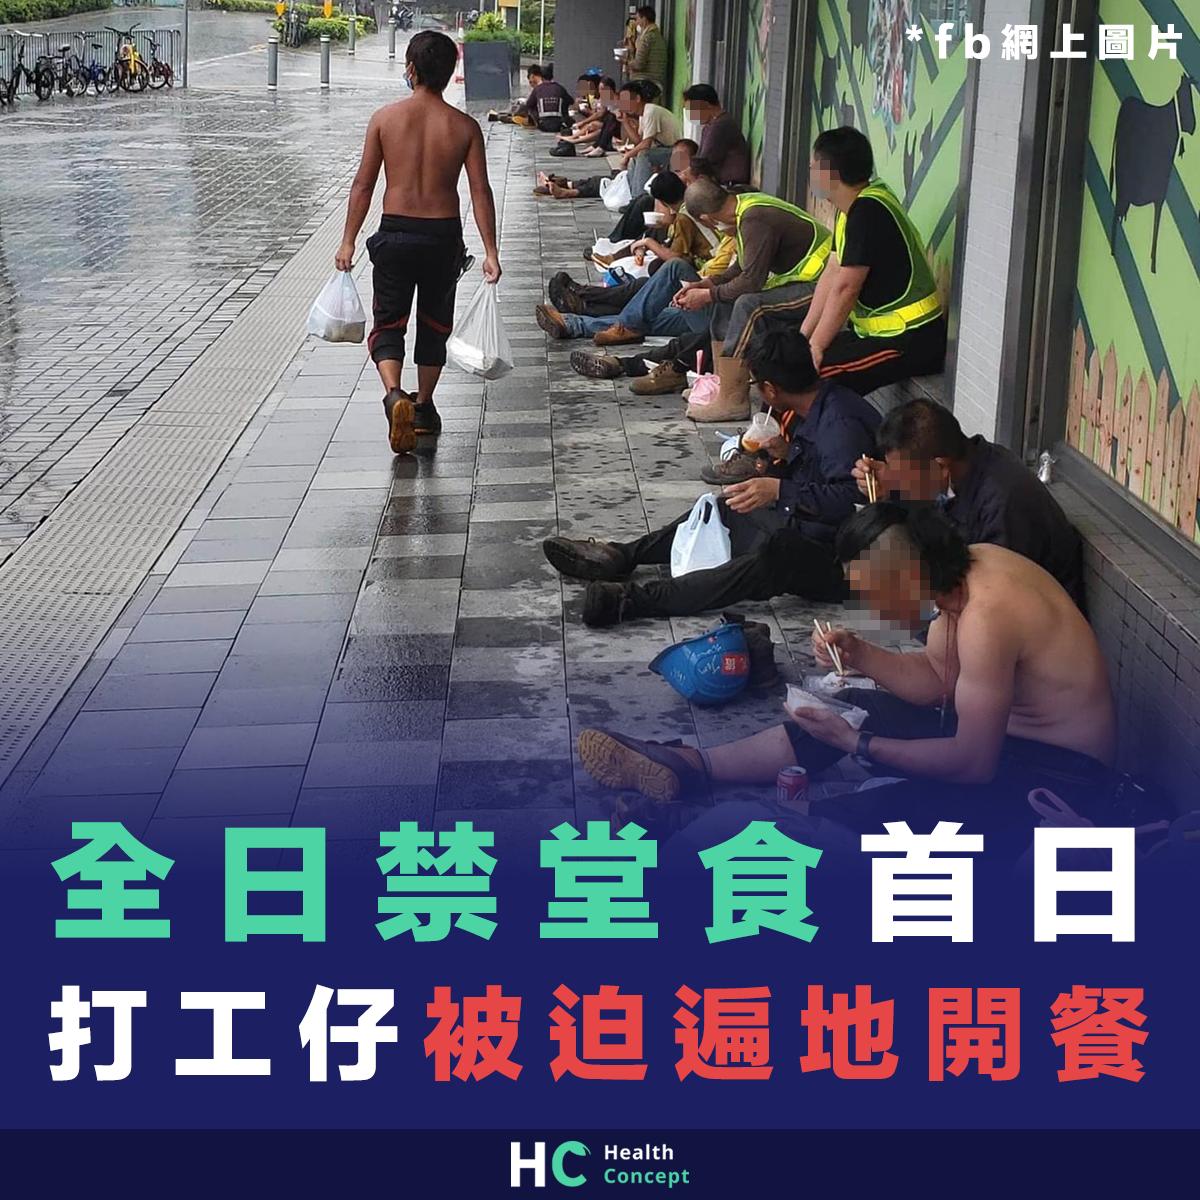 【#新型肺炎】全日禁堂食首日 打工仔被迫遍地開餐